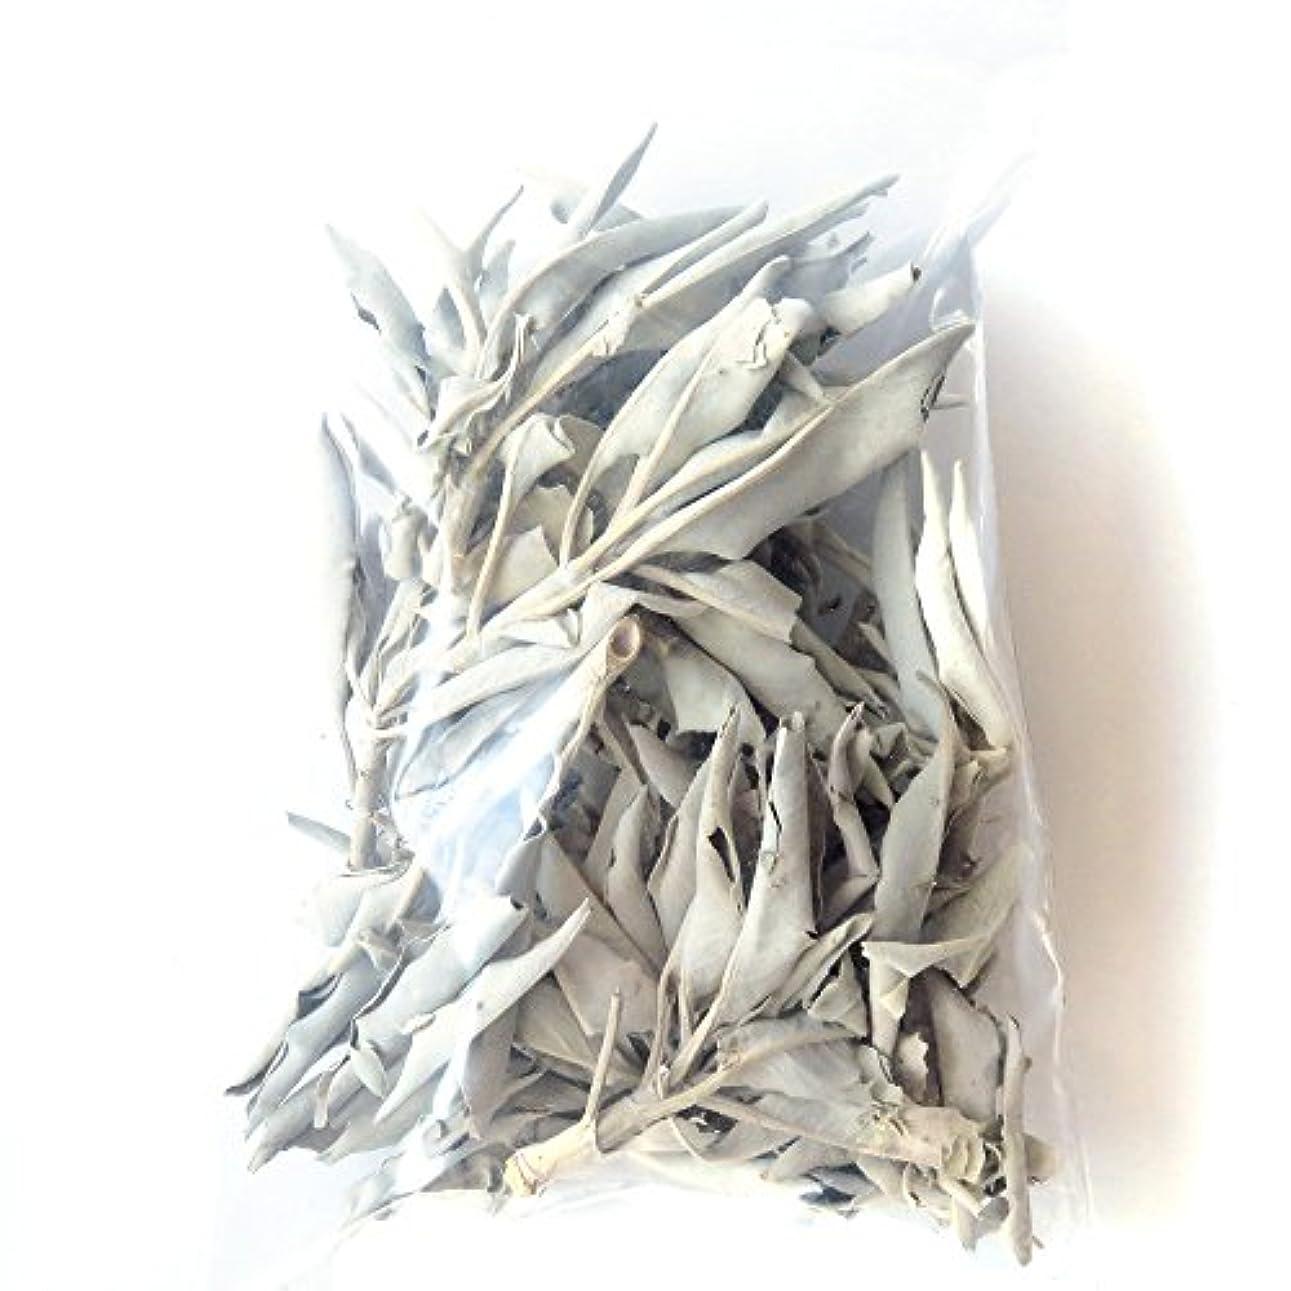 ワックスエステートループホワイトセージ 無農薬 カルフォルニア産 30g前後 (枝付き)